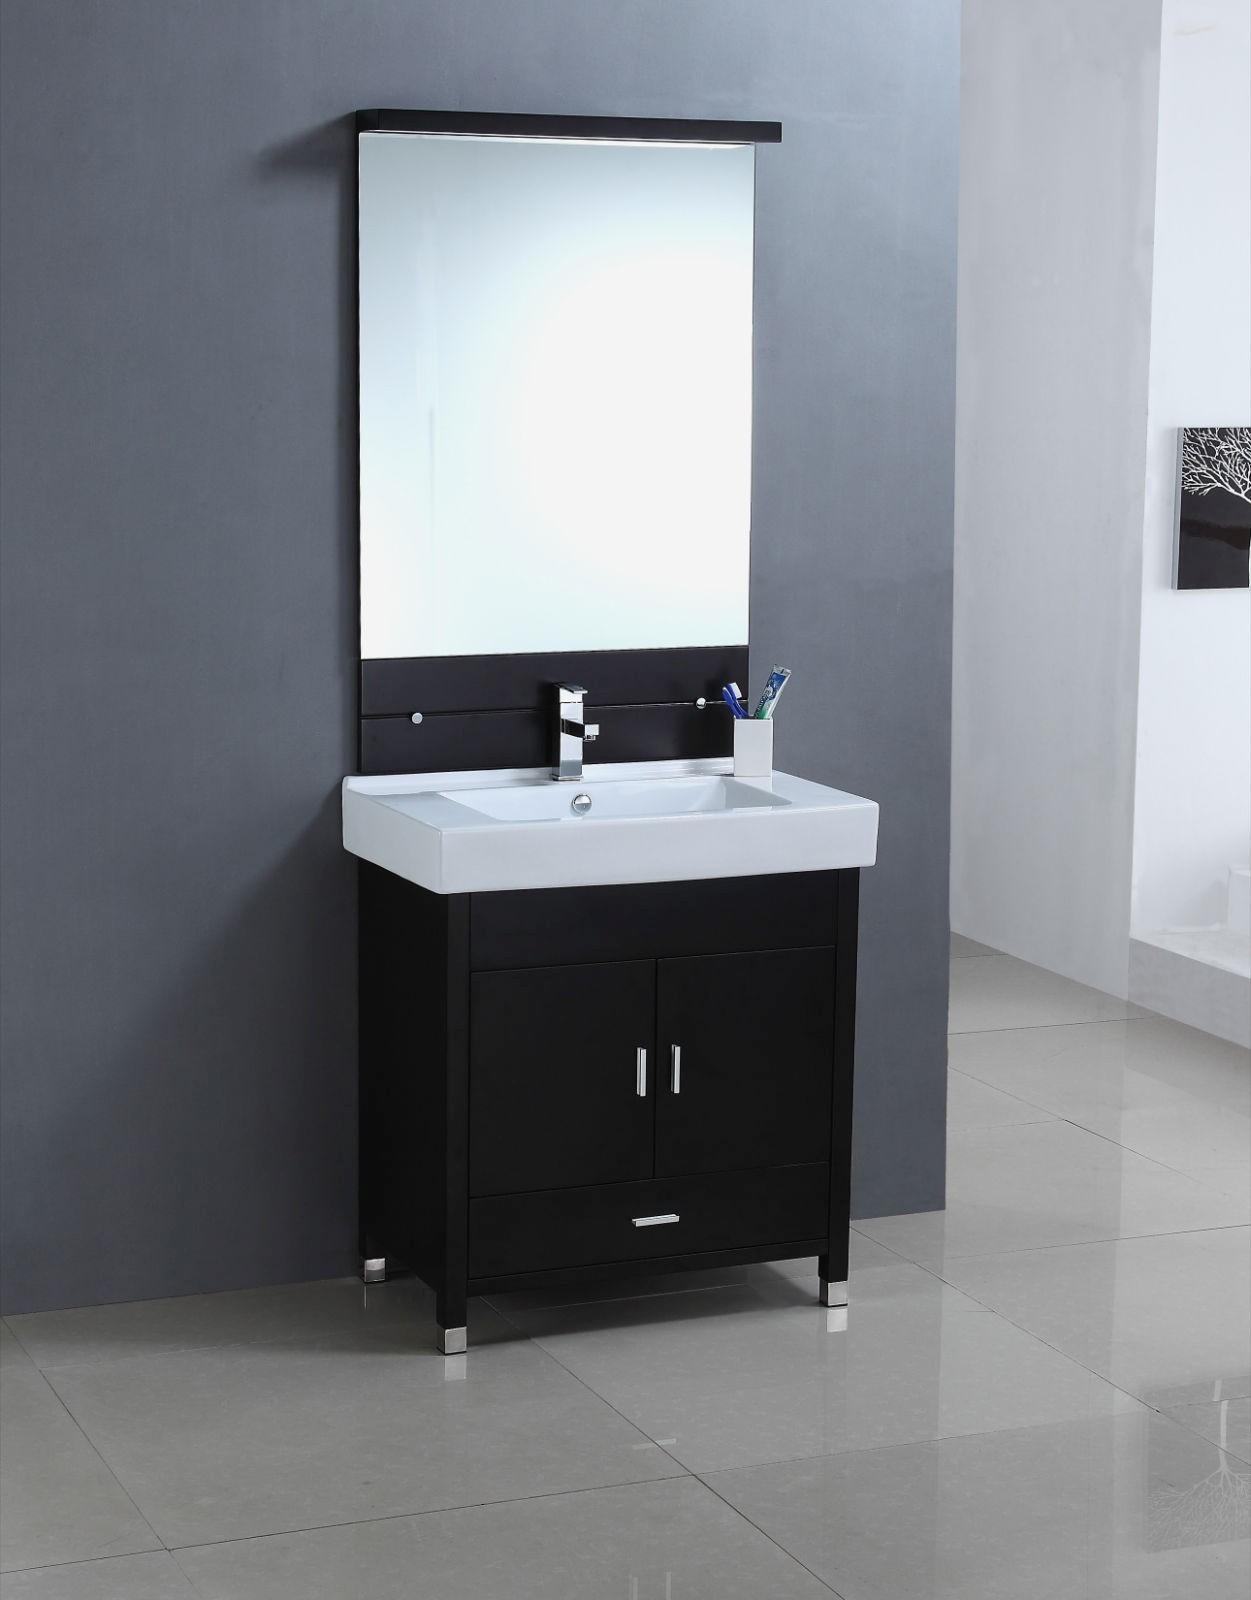 Bathroom Vanity Sets Stunning Legion Furniture 5 Single Bathroom Vanity Set Concept